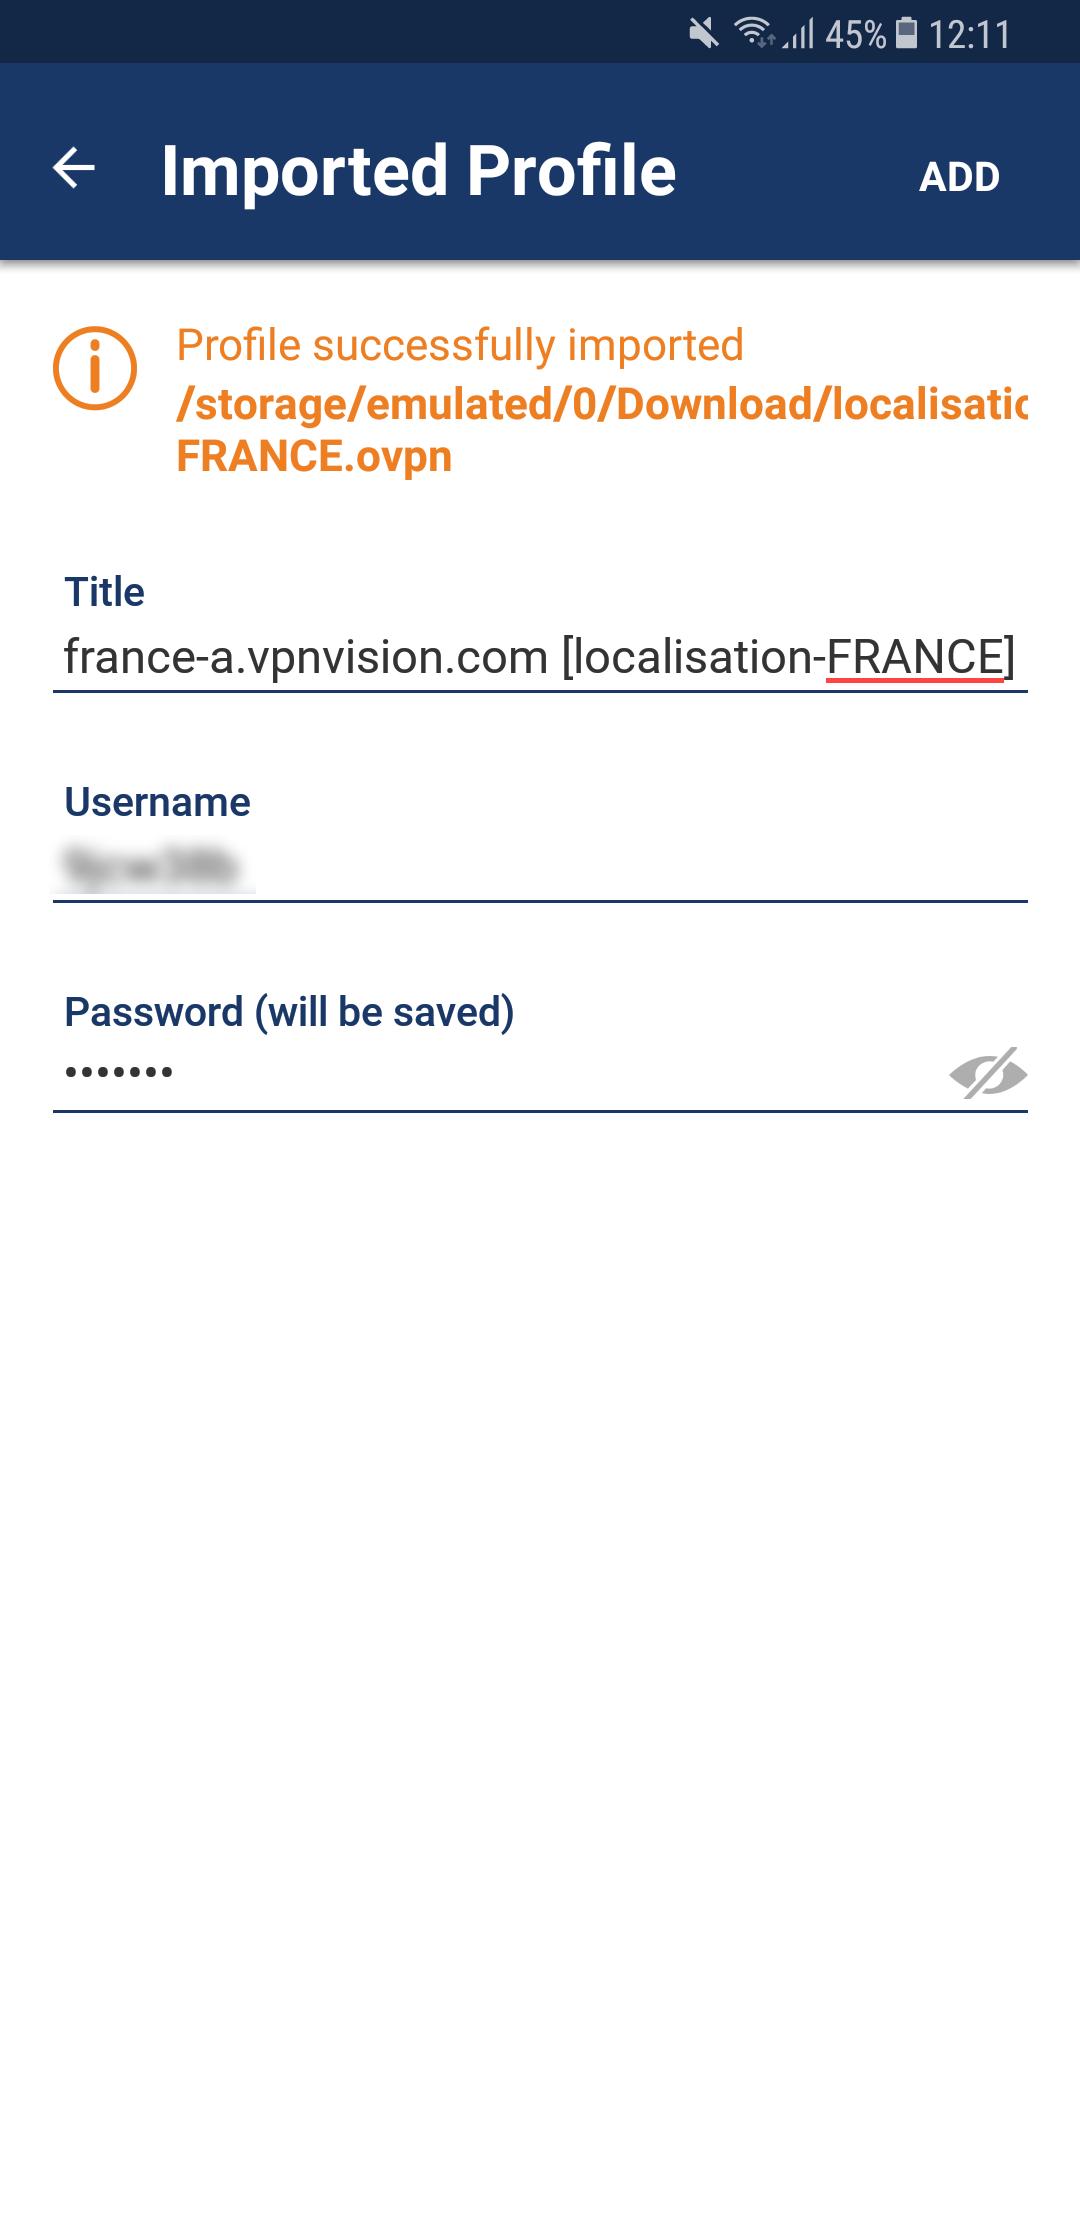 Installation VPN Android OpenVPN - VPNVision